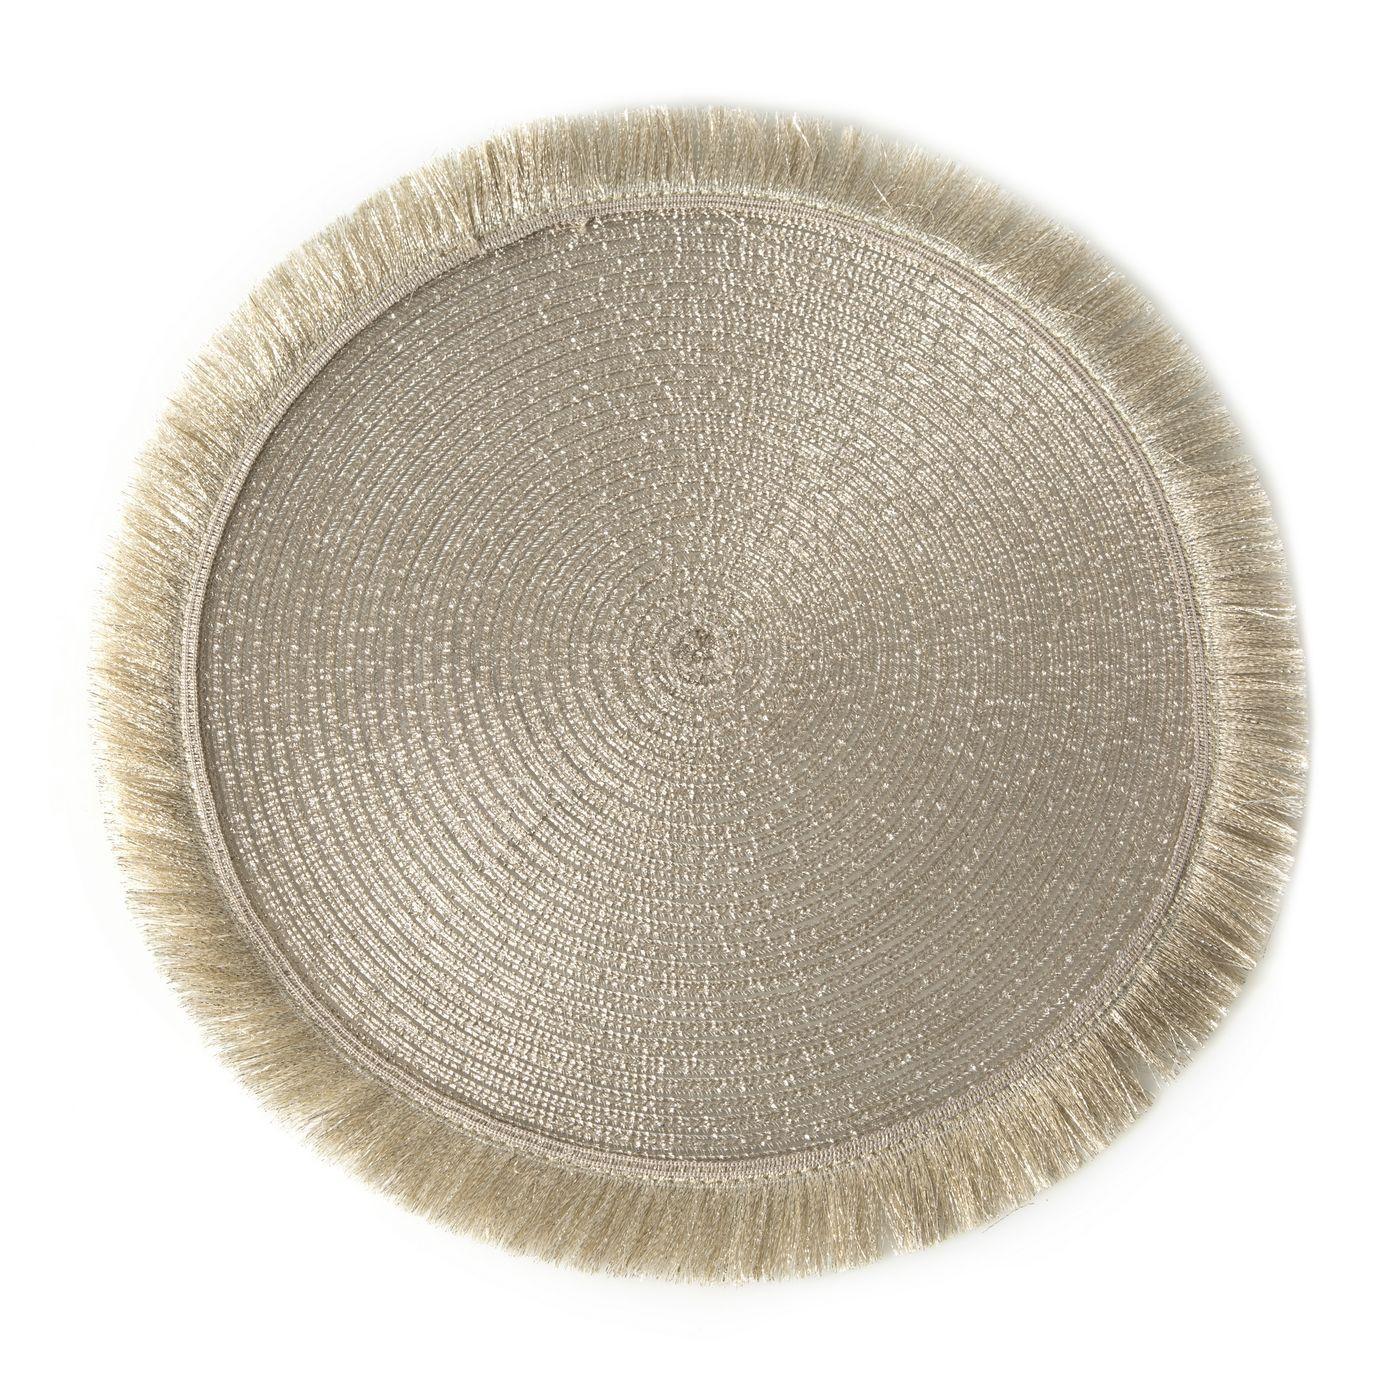 Szampańska podkładka stołowa okrągła średnica 38 cm